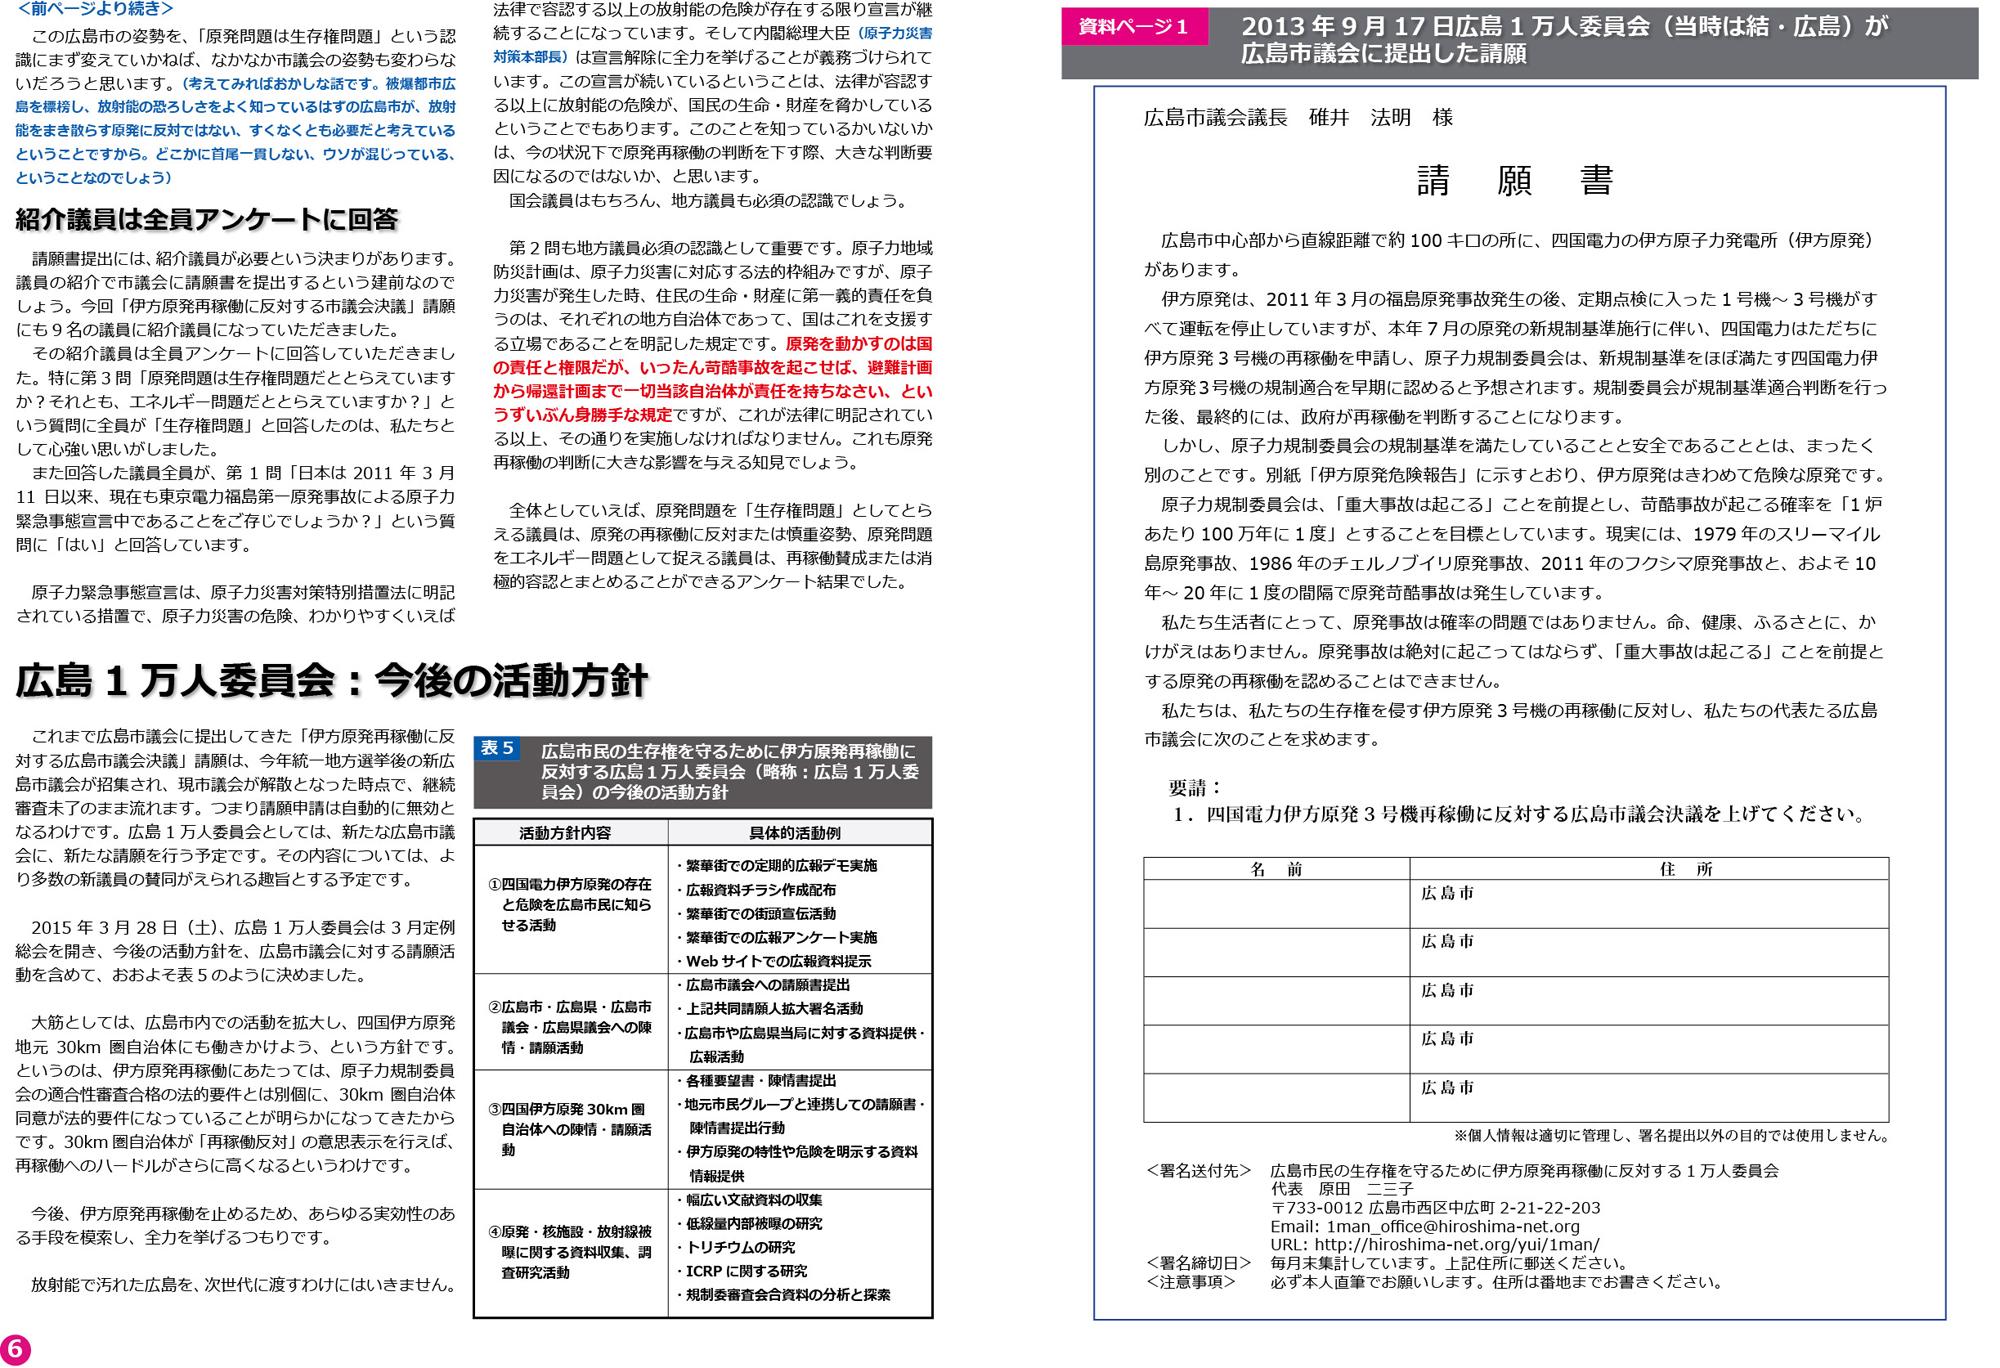 ファイル 409-4.jpg